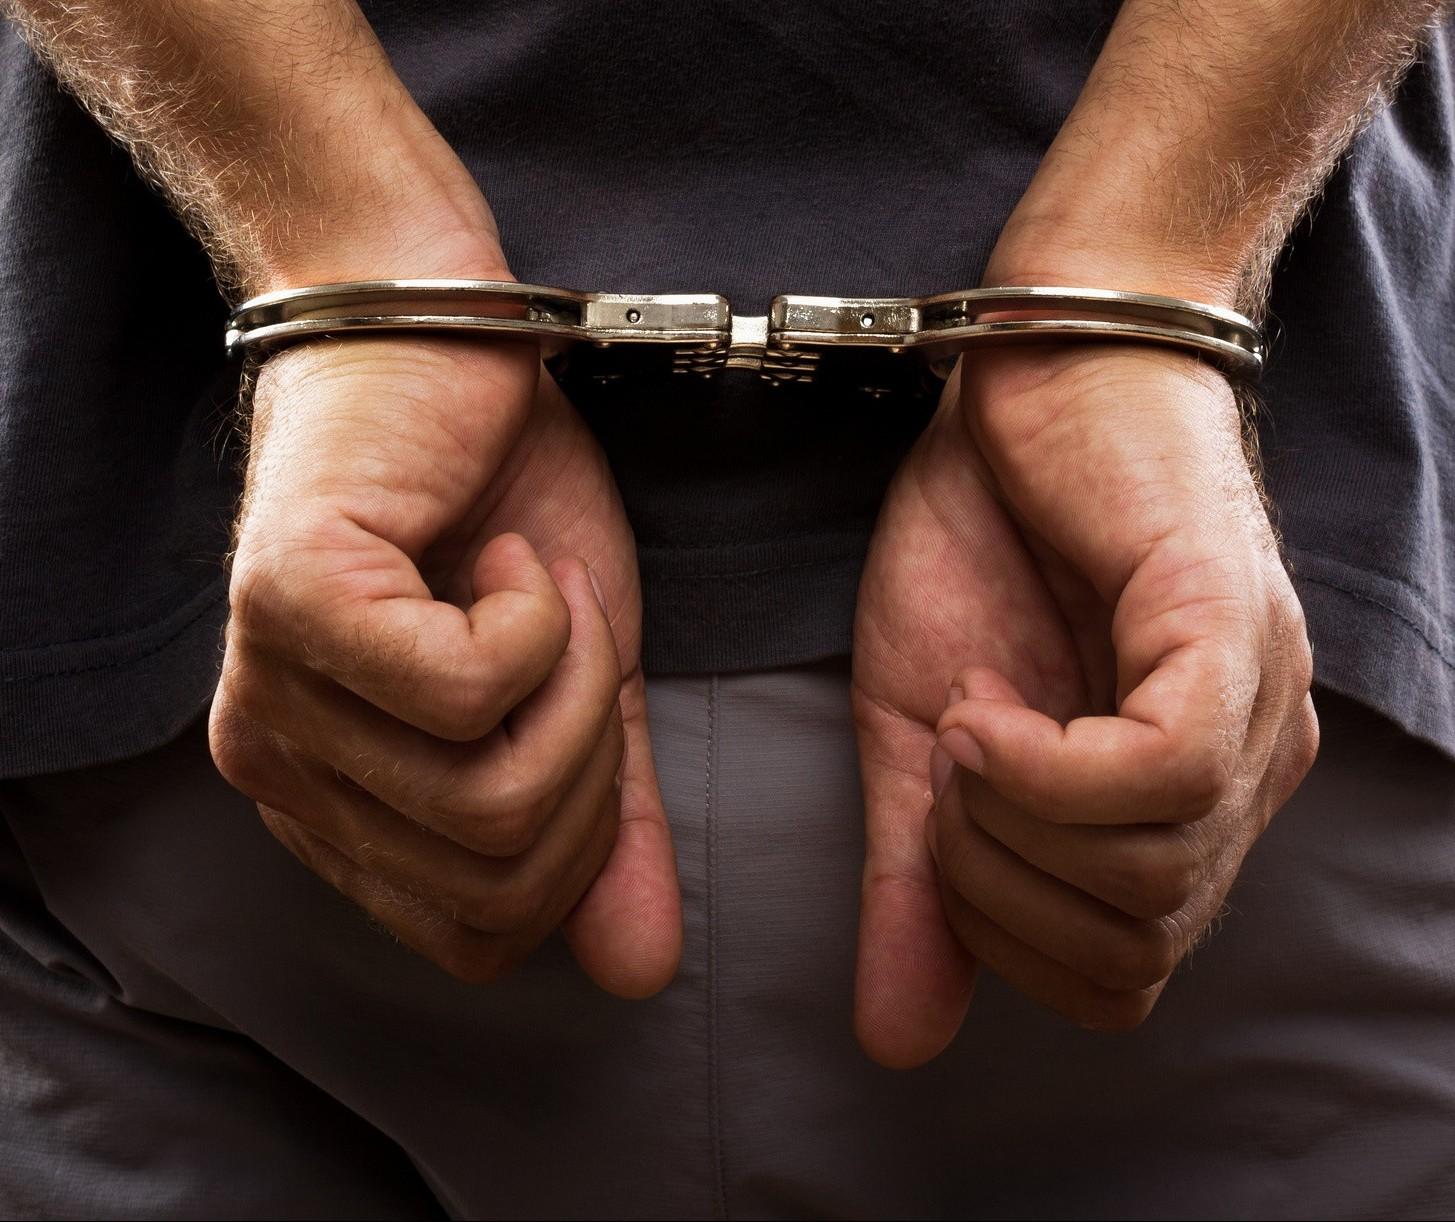 Cianorte registra queda de 60% nos roubos em dezembro